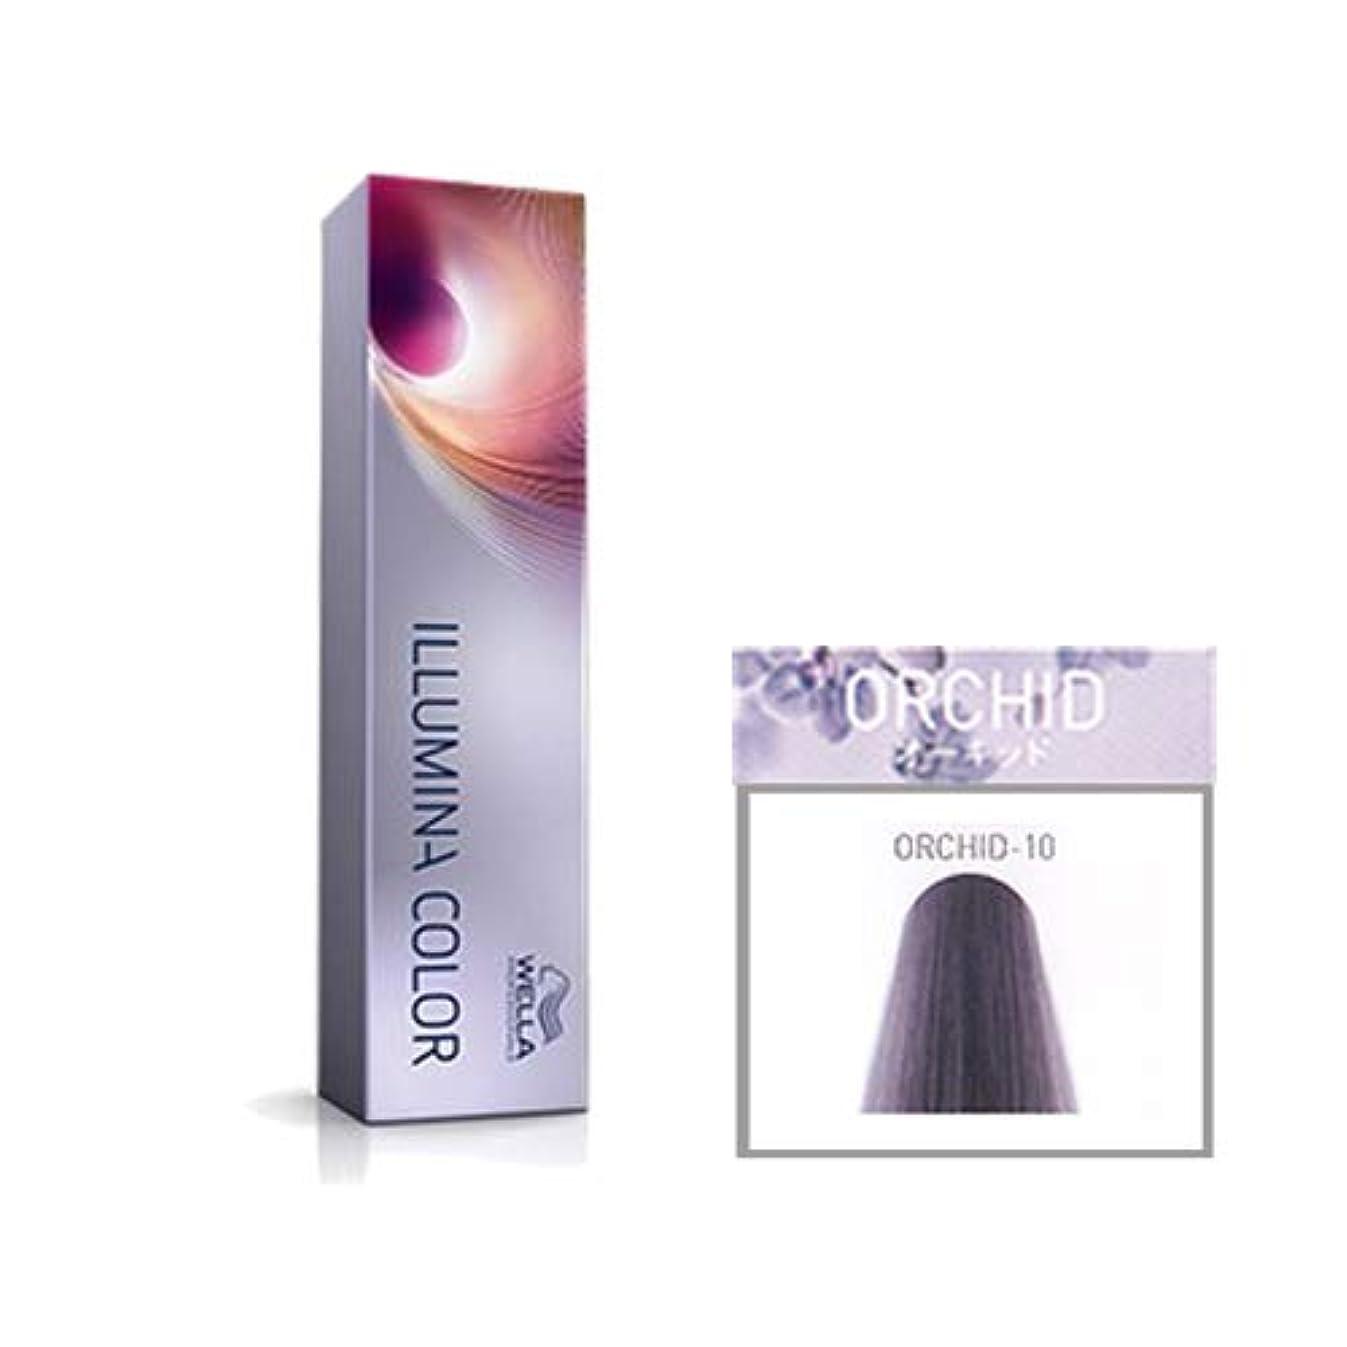 平らにする華氏対話ウエラ プロフェッショナル イルミナ カラー オーキッド ORCHID-10 80g